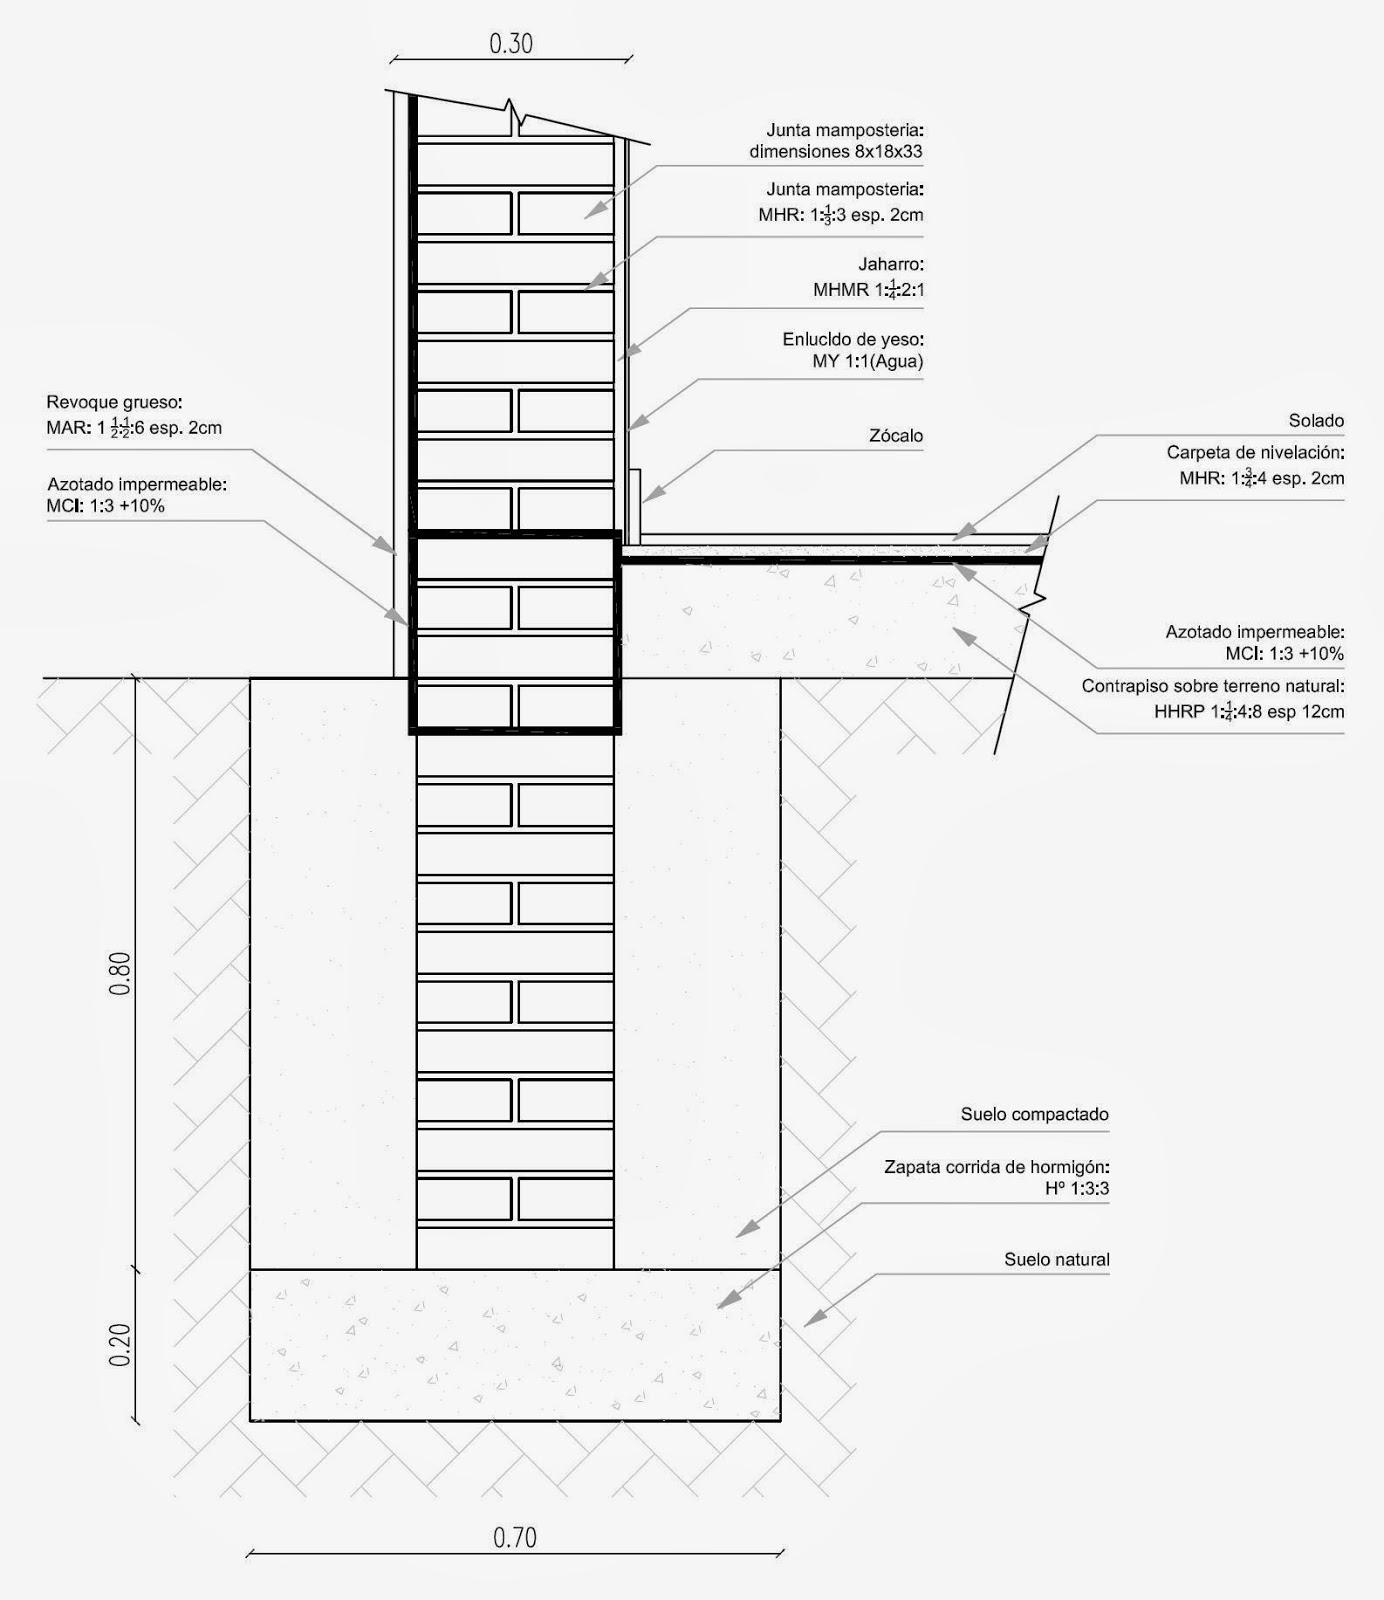 Detalles constructivos cad detalle cimentaciones muros de 30 - Medidas de ladrillos comunes ...